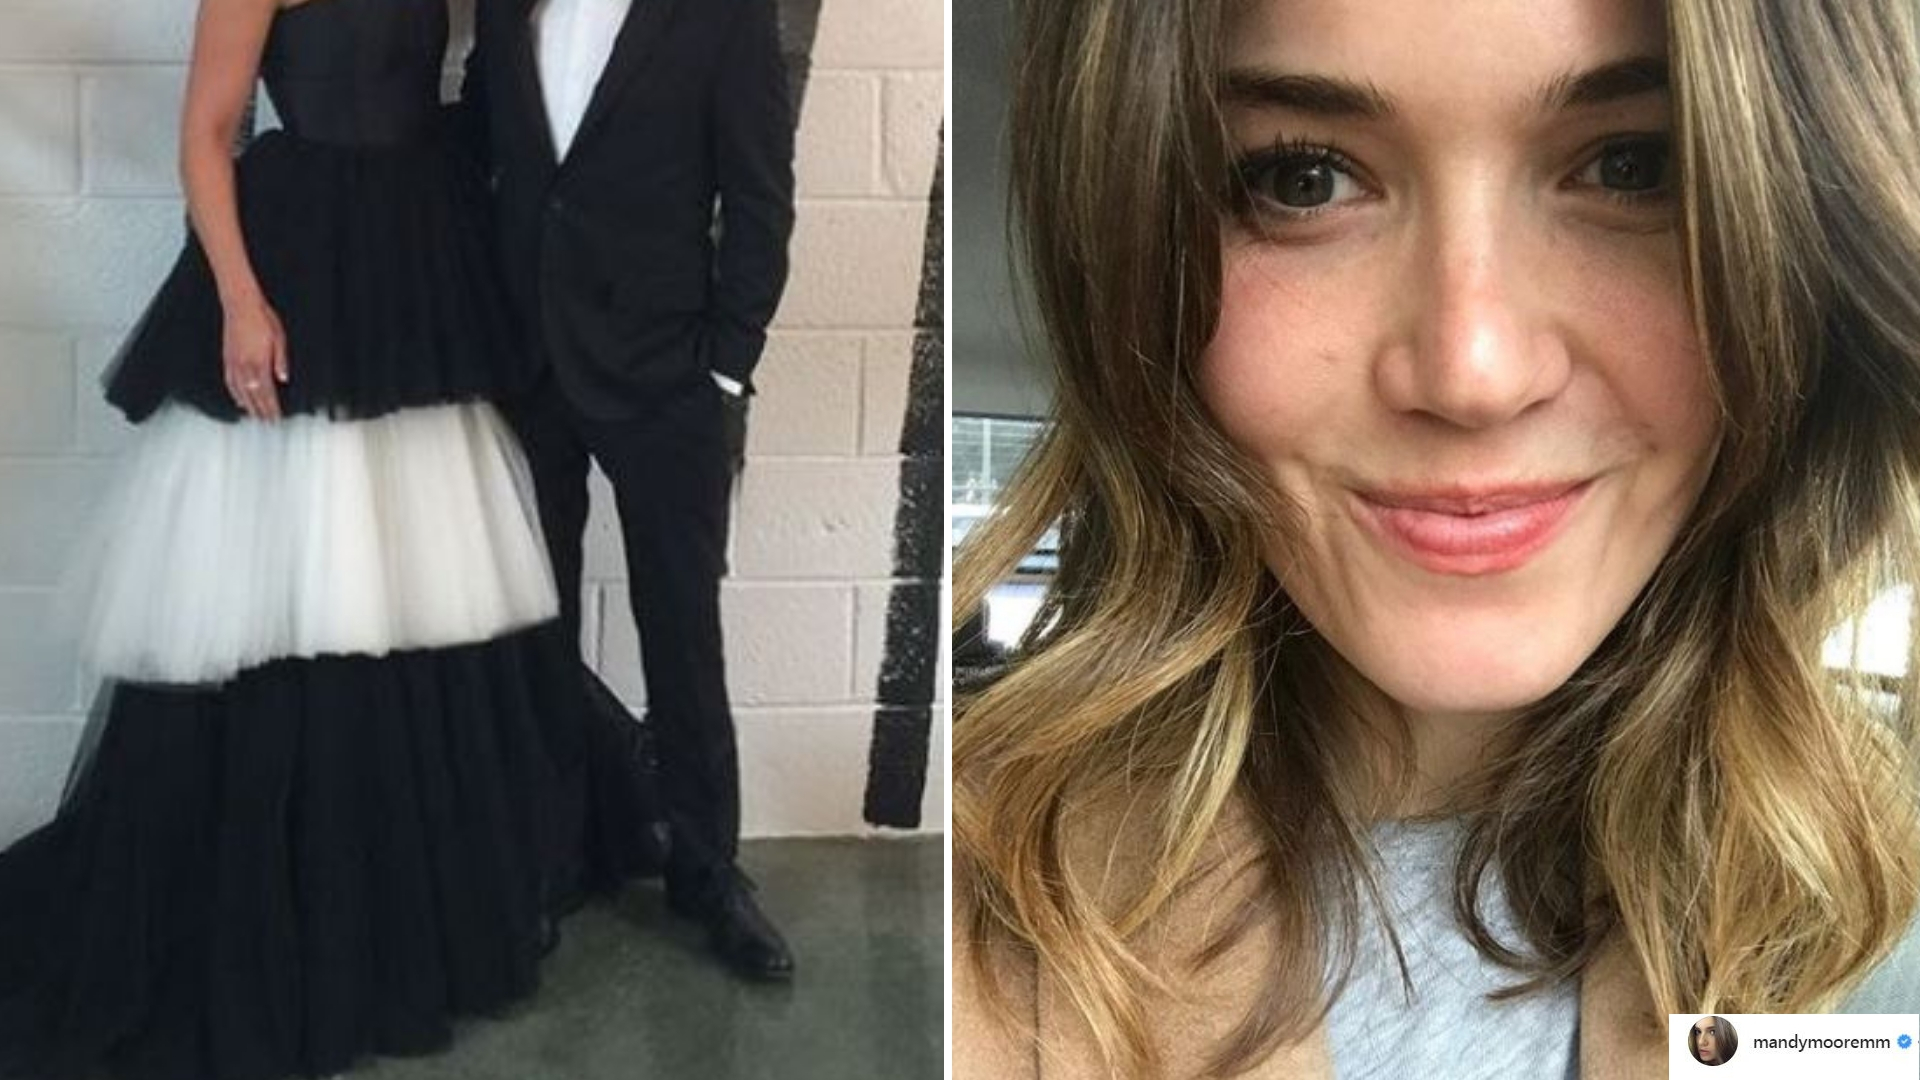 Gwiazda Szkoły uczuć – Mandy Moore wyszła za mąż!